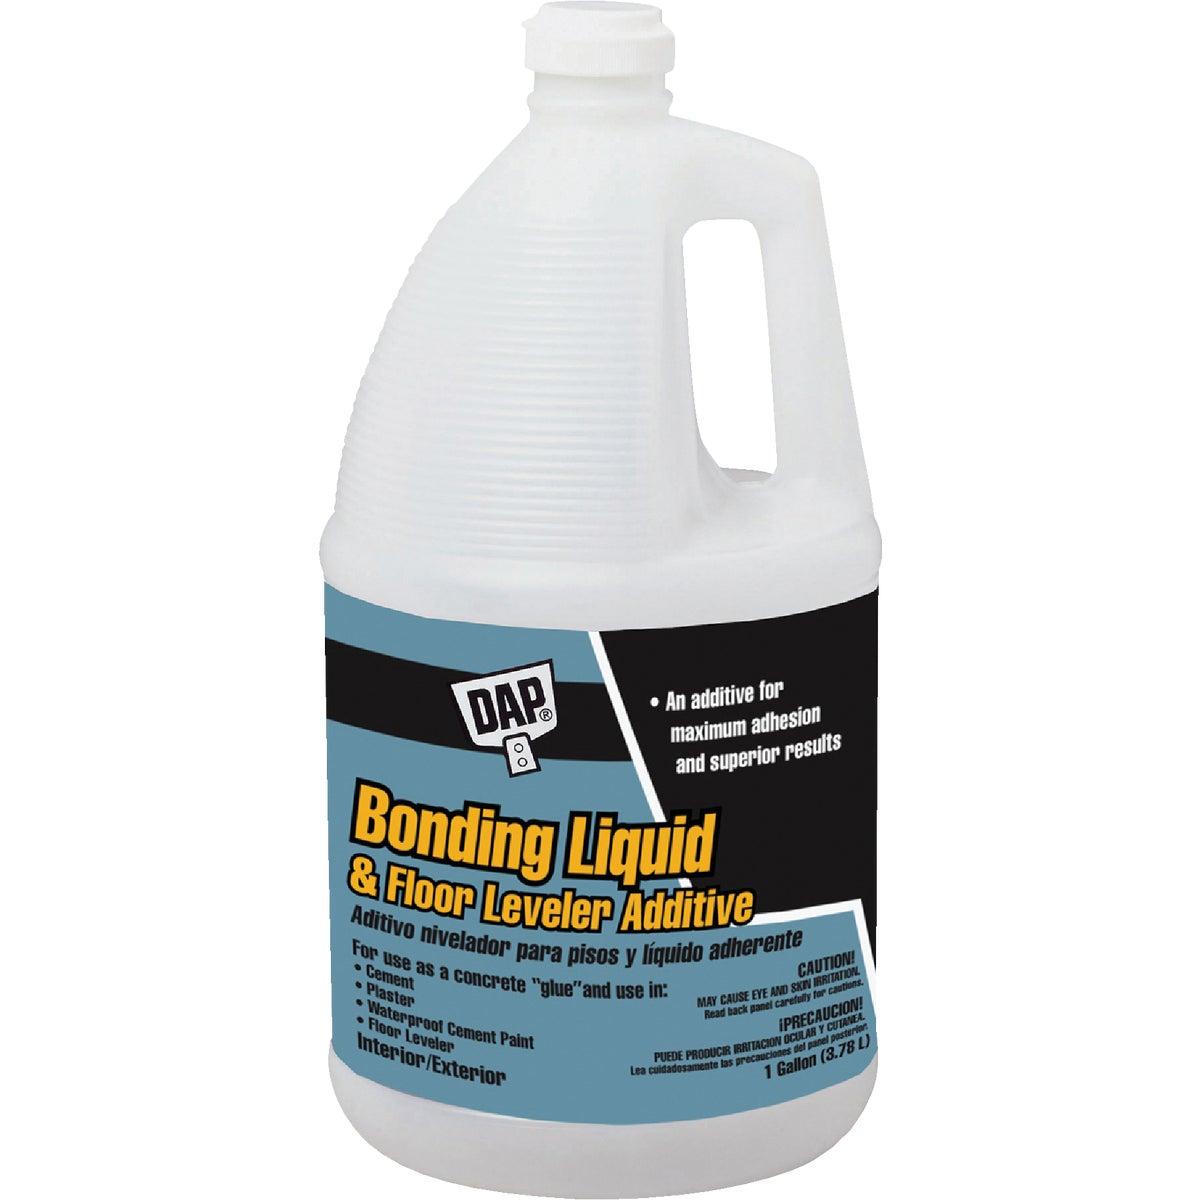 DAP Concrete Bonding Liquid & Floor Leveler Additive, 35090